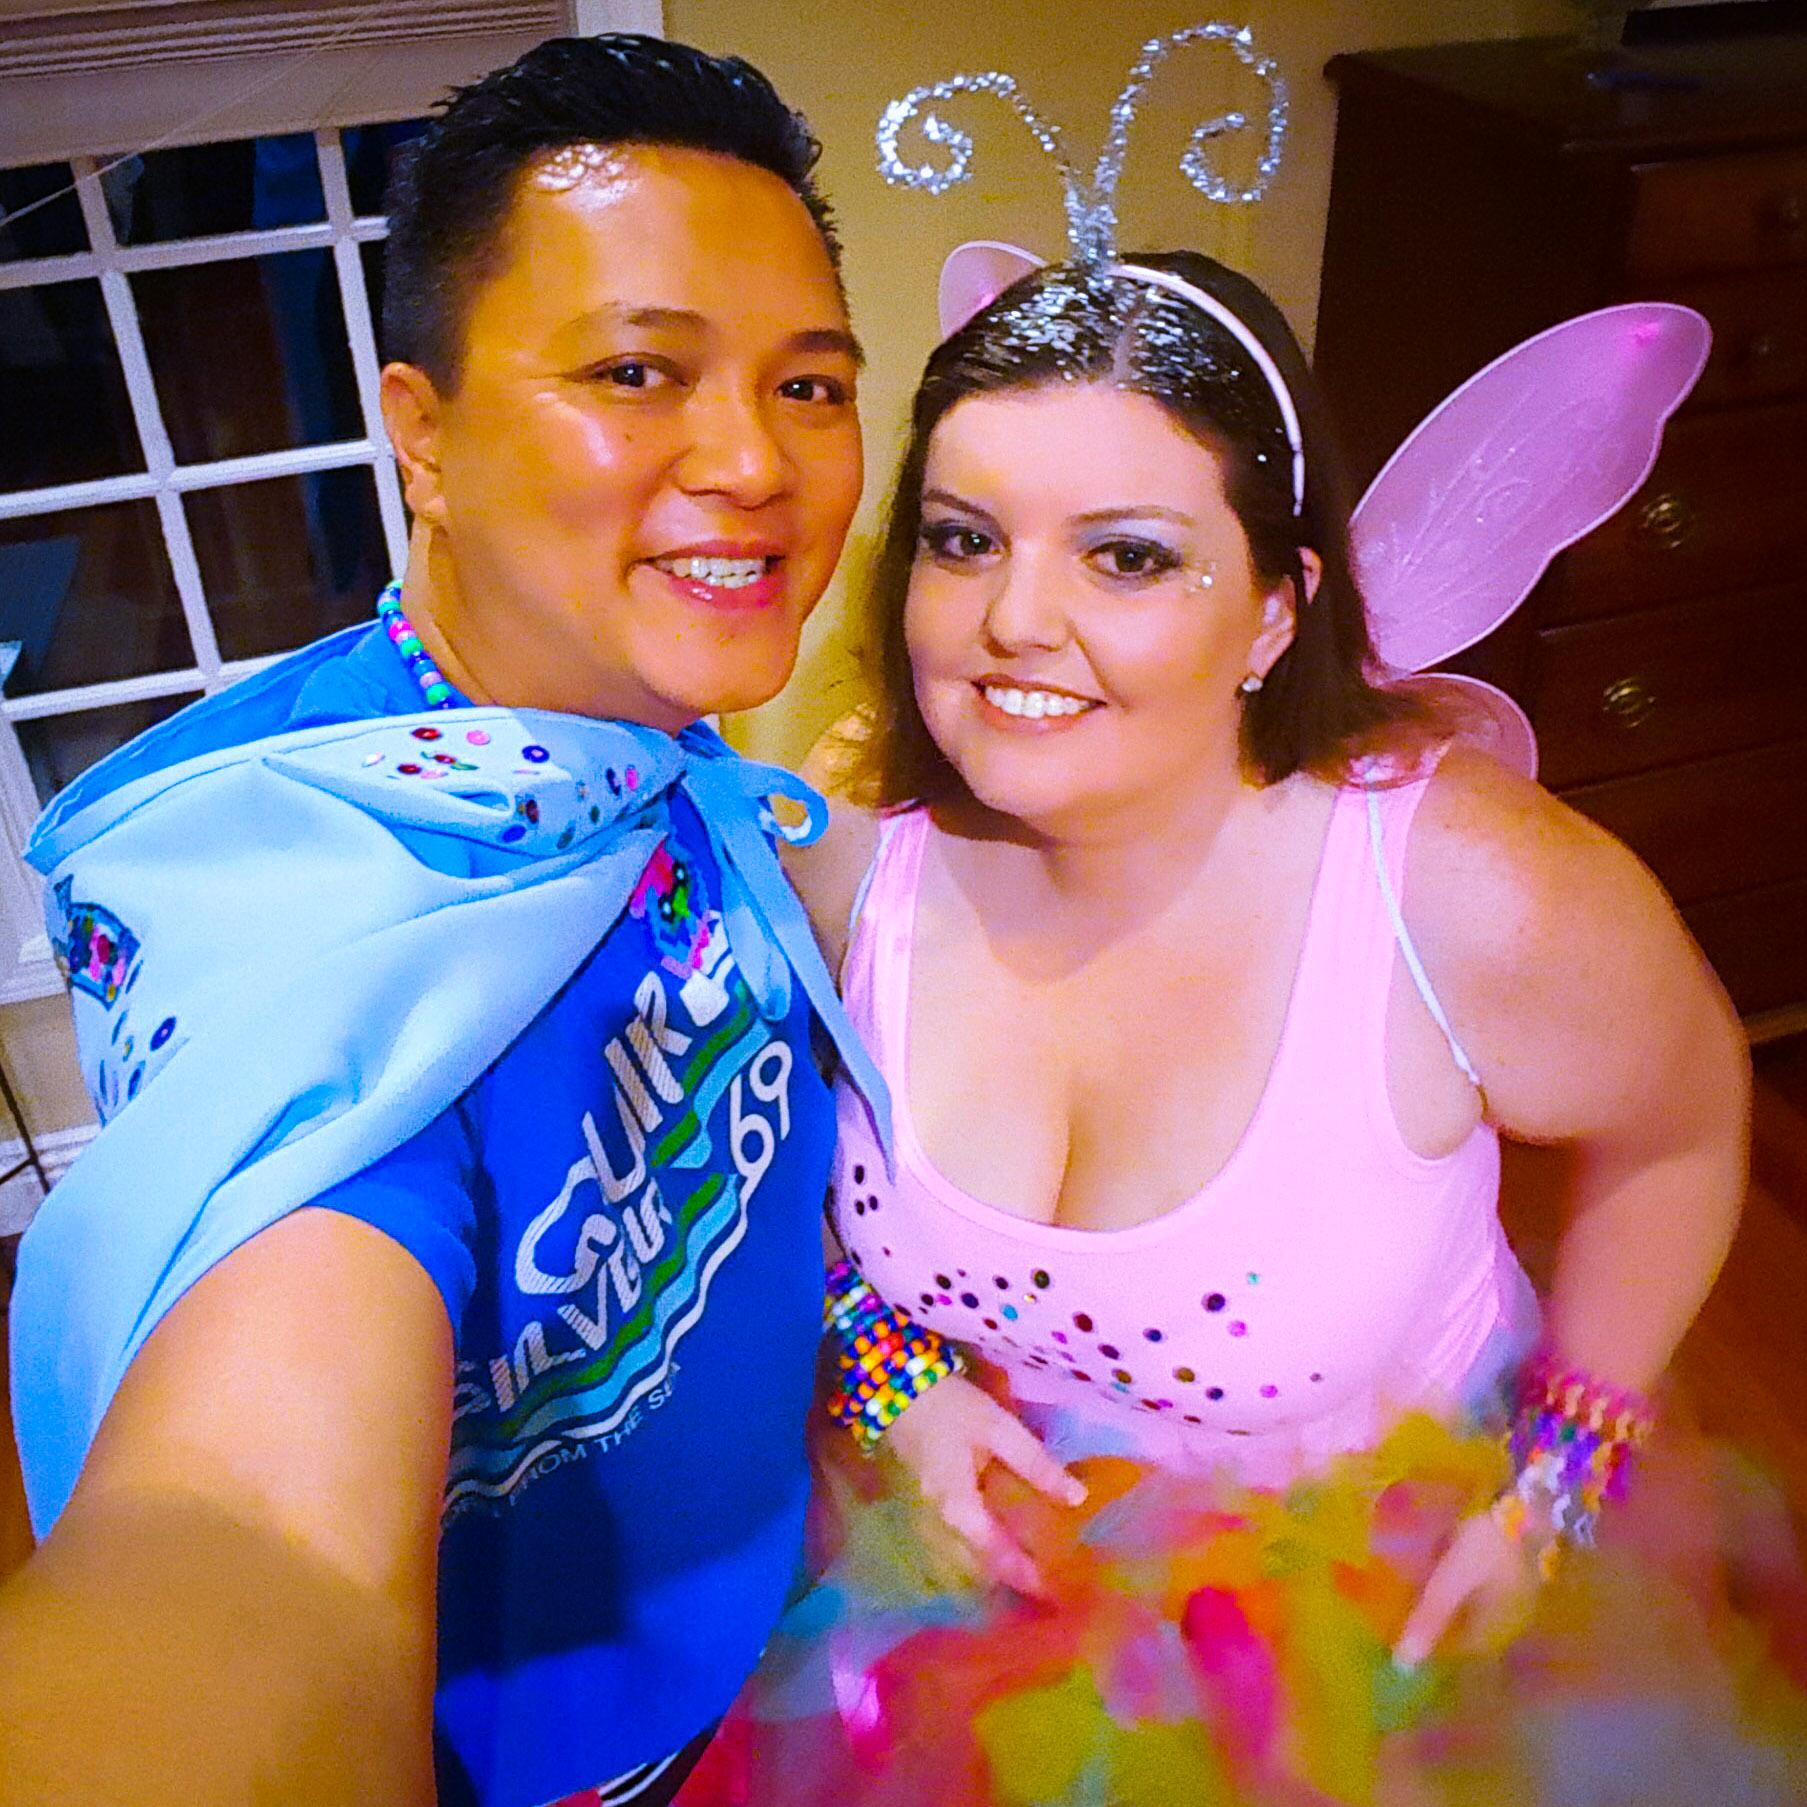 EDC Costume D1 Selfie